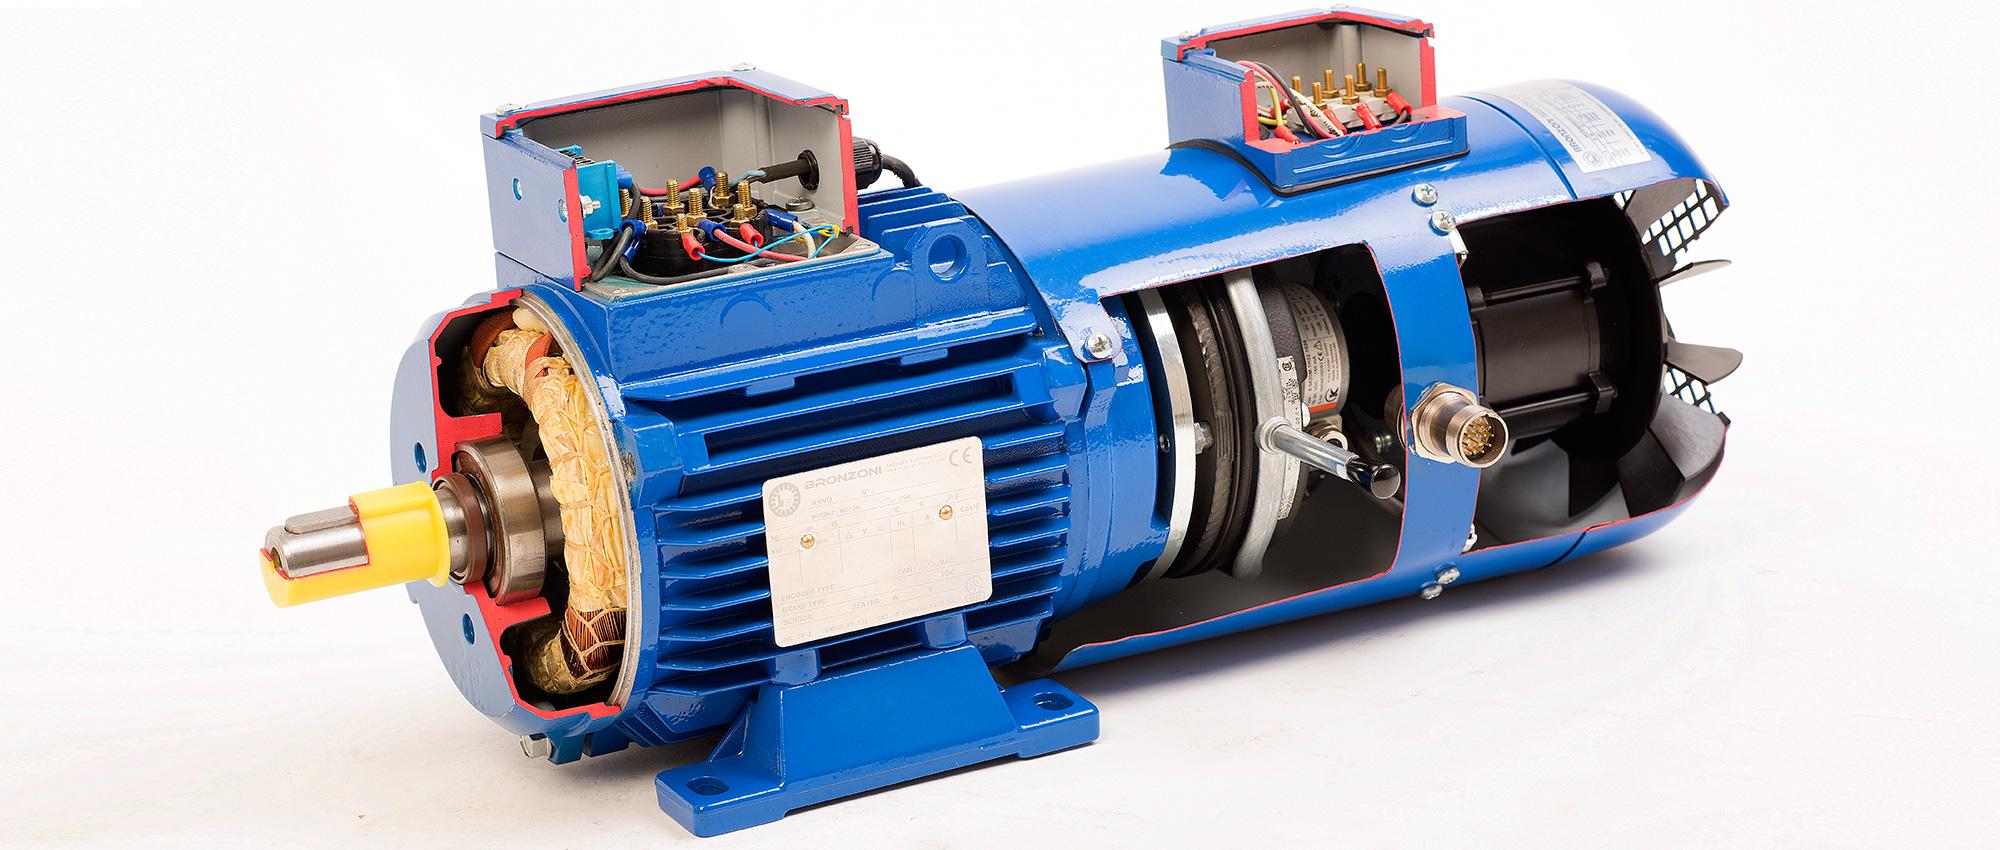 Motori elettrici asincroni speciali bronzoni for Motori elettrici per macchine da cucire